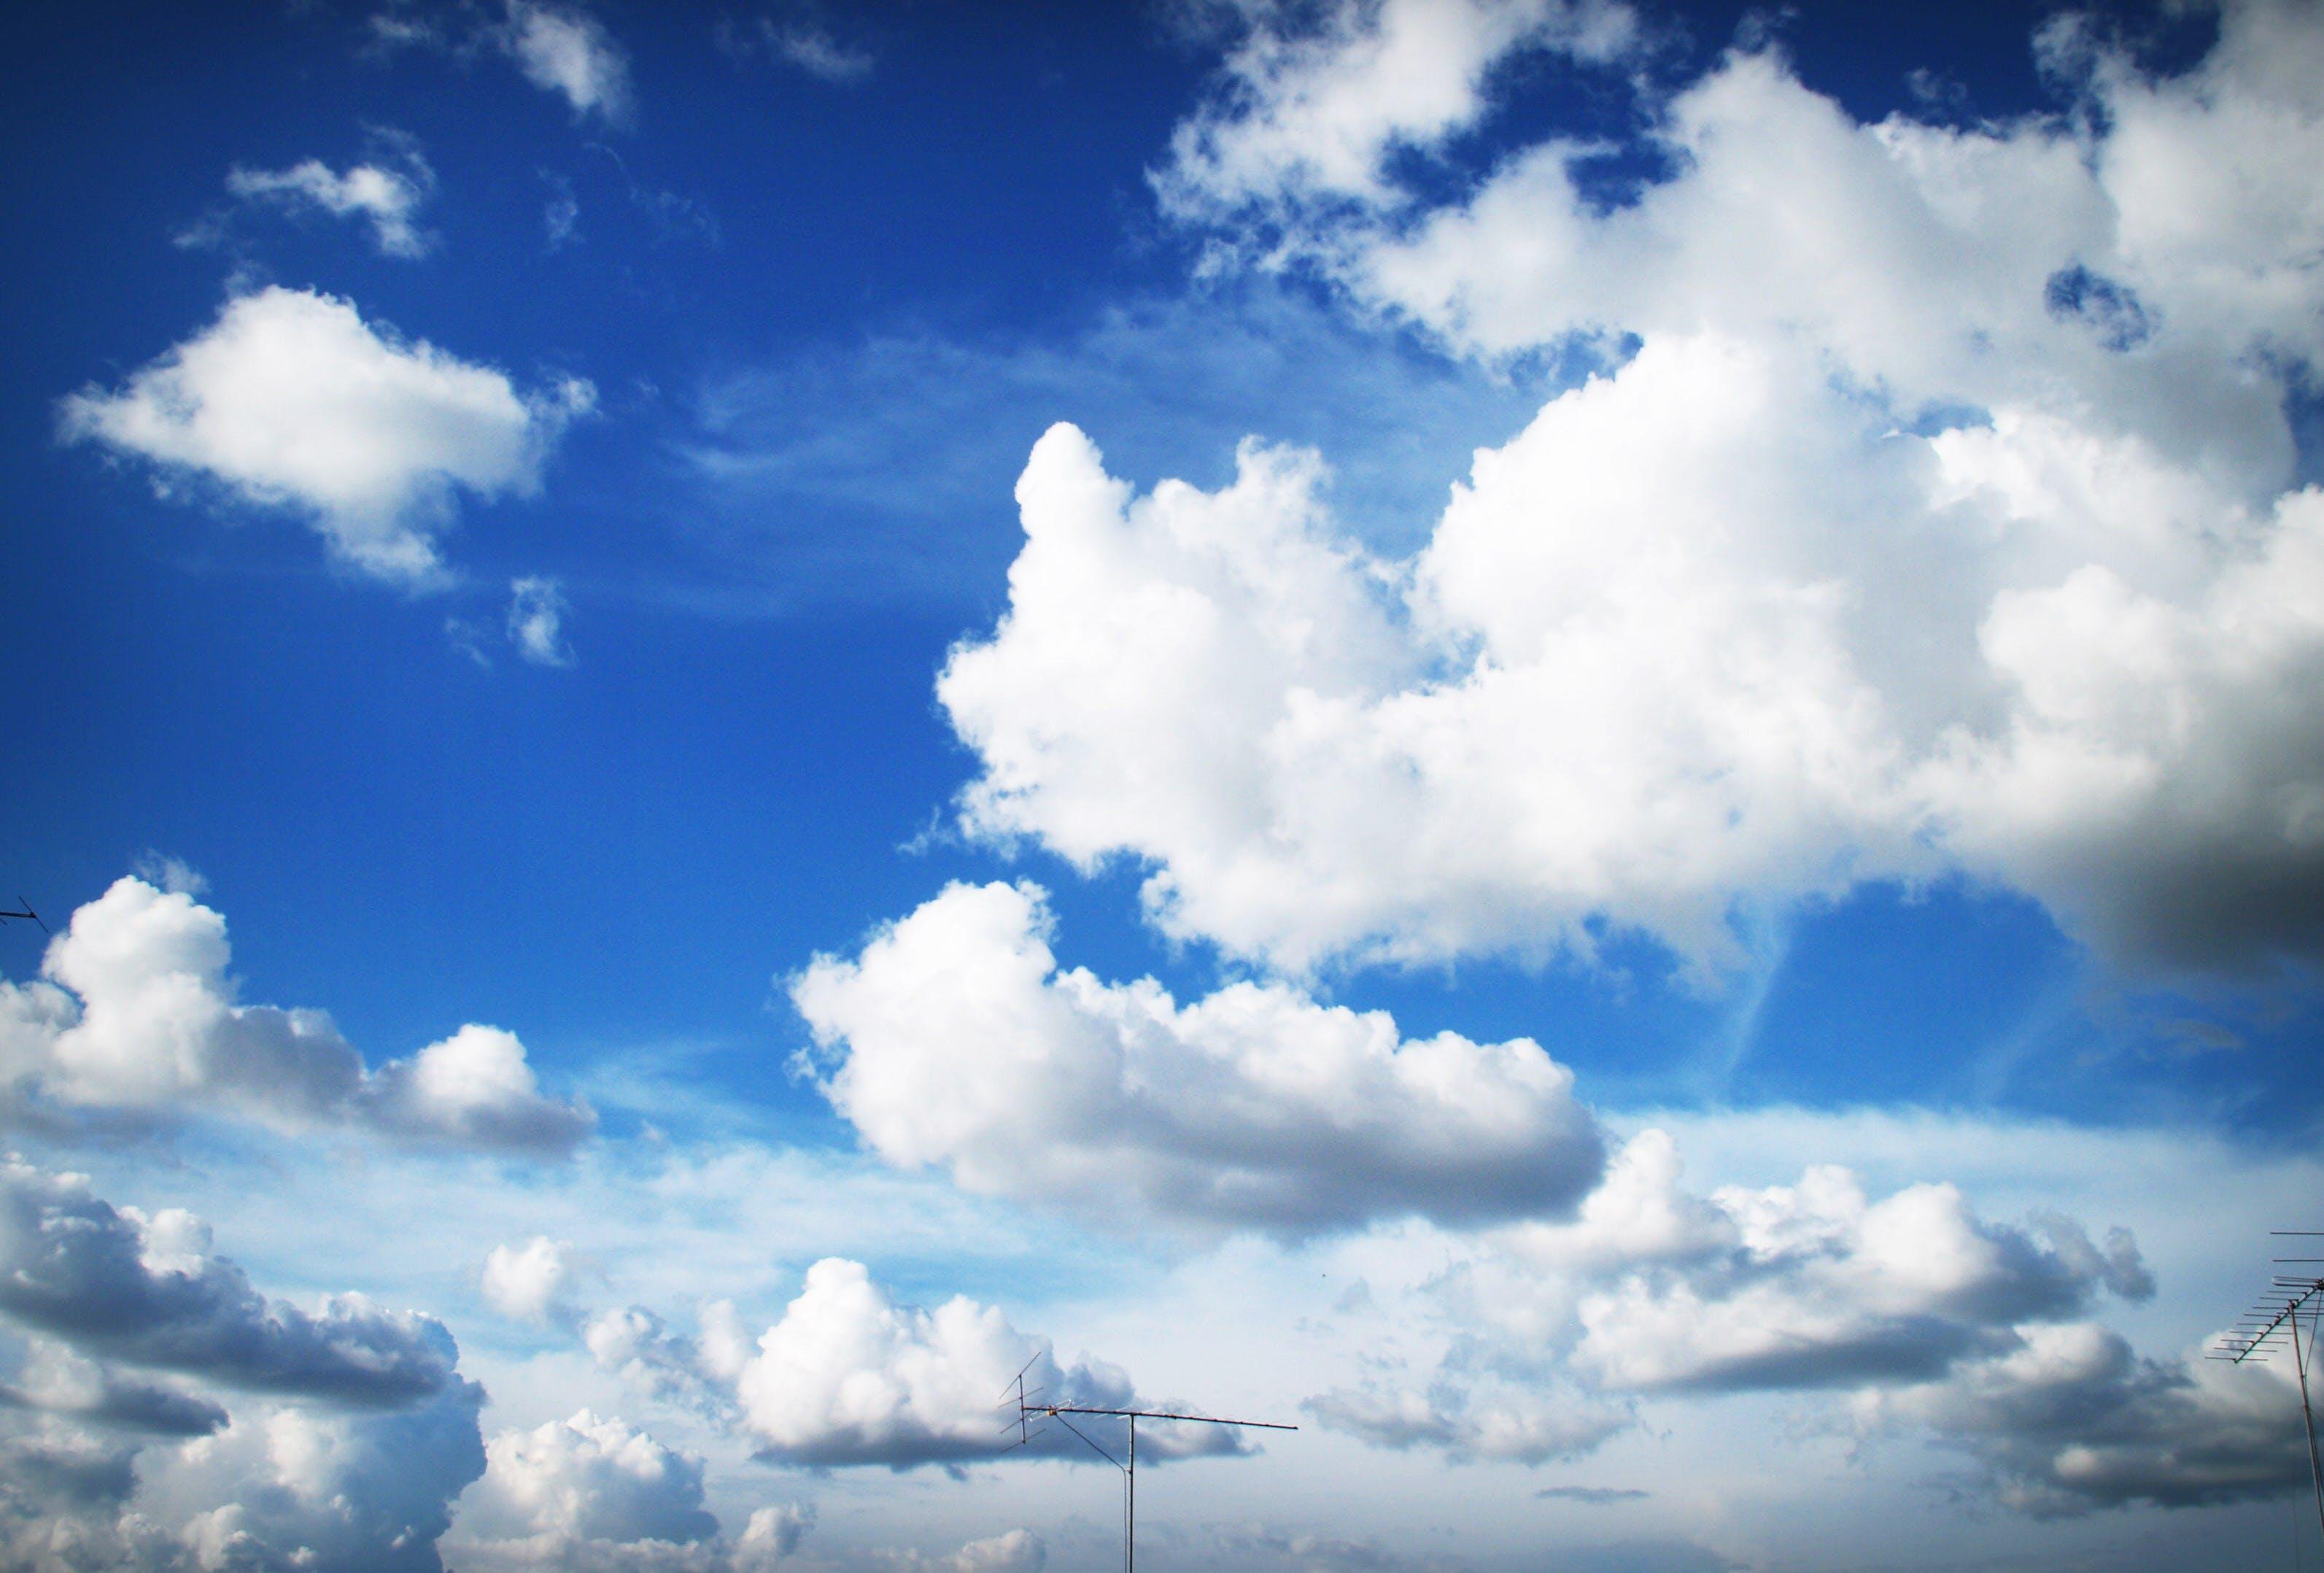 atmosphere, blue sky, clouds